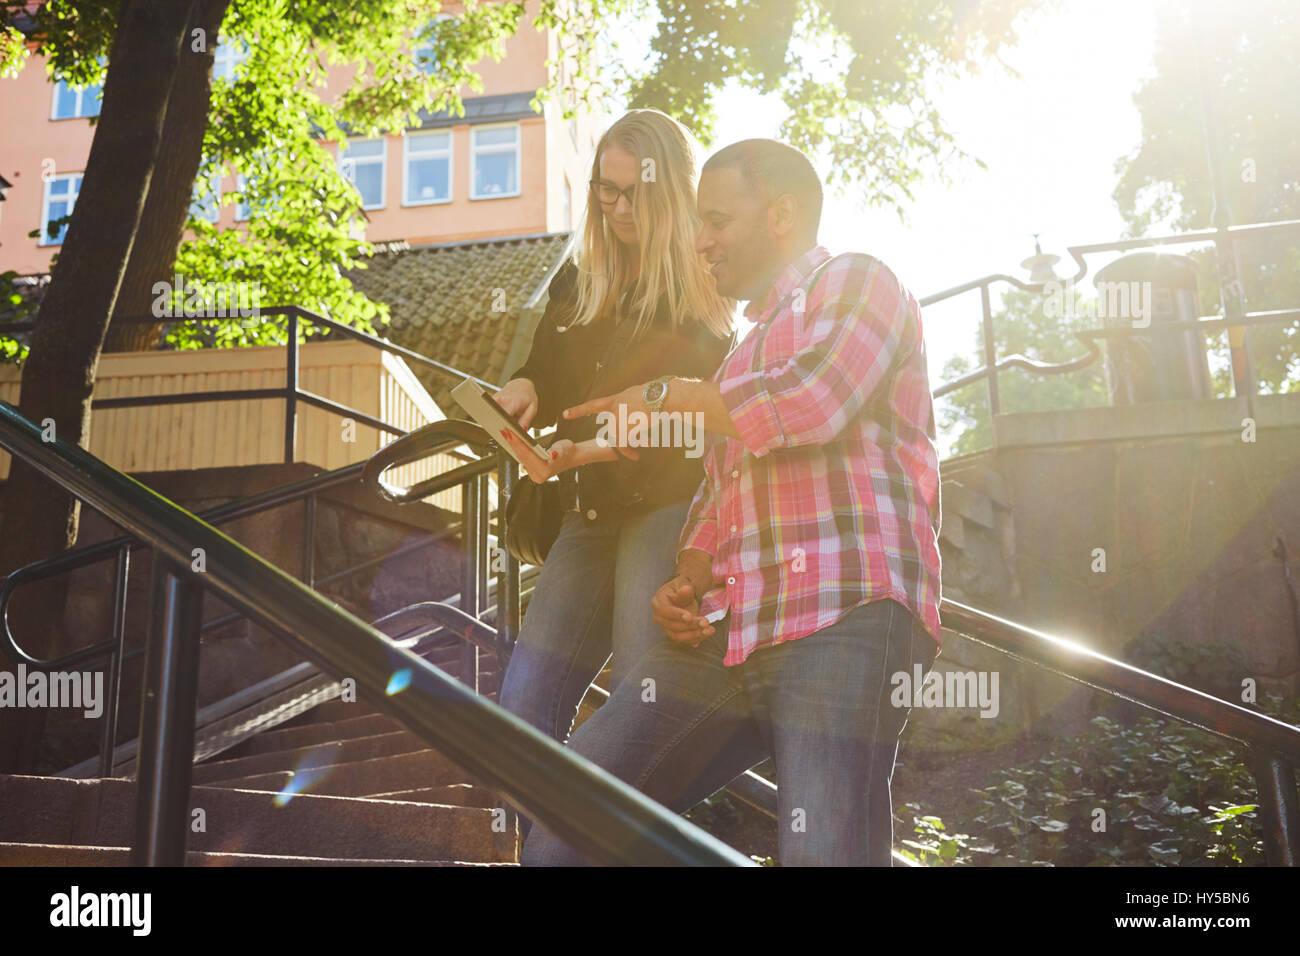 Suecia, el hombre y la mujer de pie al lado mirando a la luz del sol de tableta digital Imagen De Stock